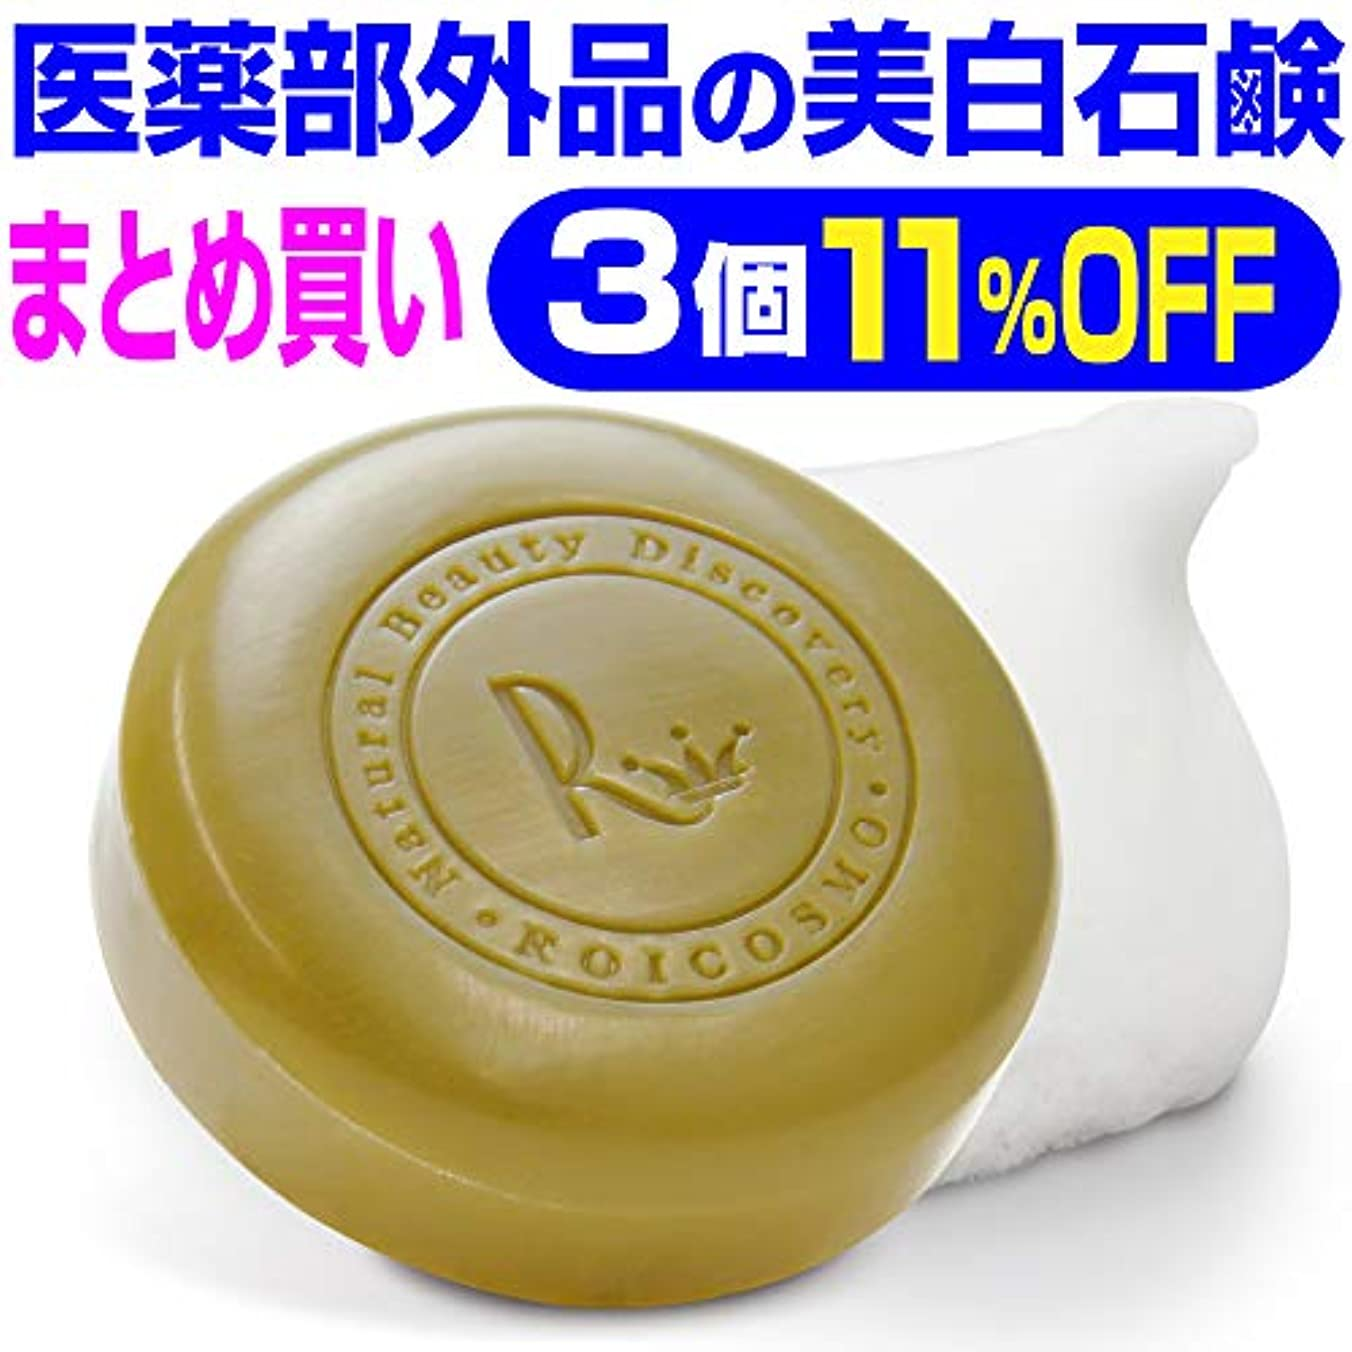 に対応鳥記念品3個まとめ買い11%OFF 美白石鹸/ビタミンC270倍の美白成分配合の 洗顔石鹸『ホワイトソープ100g×3個』